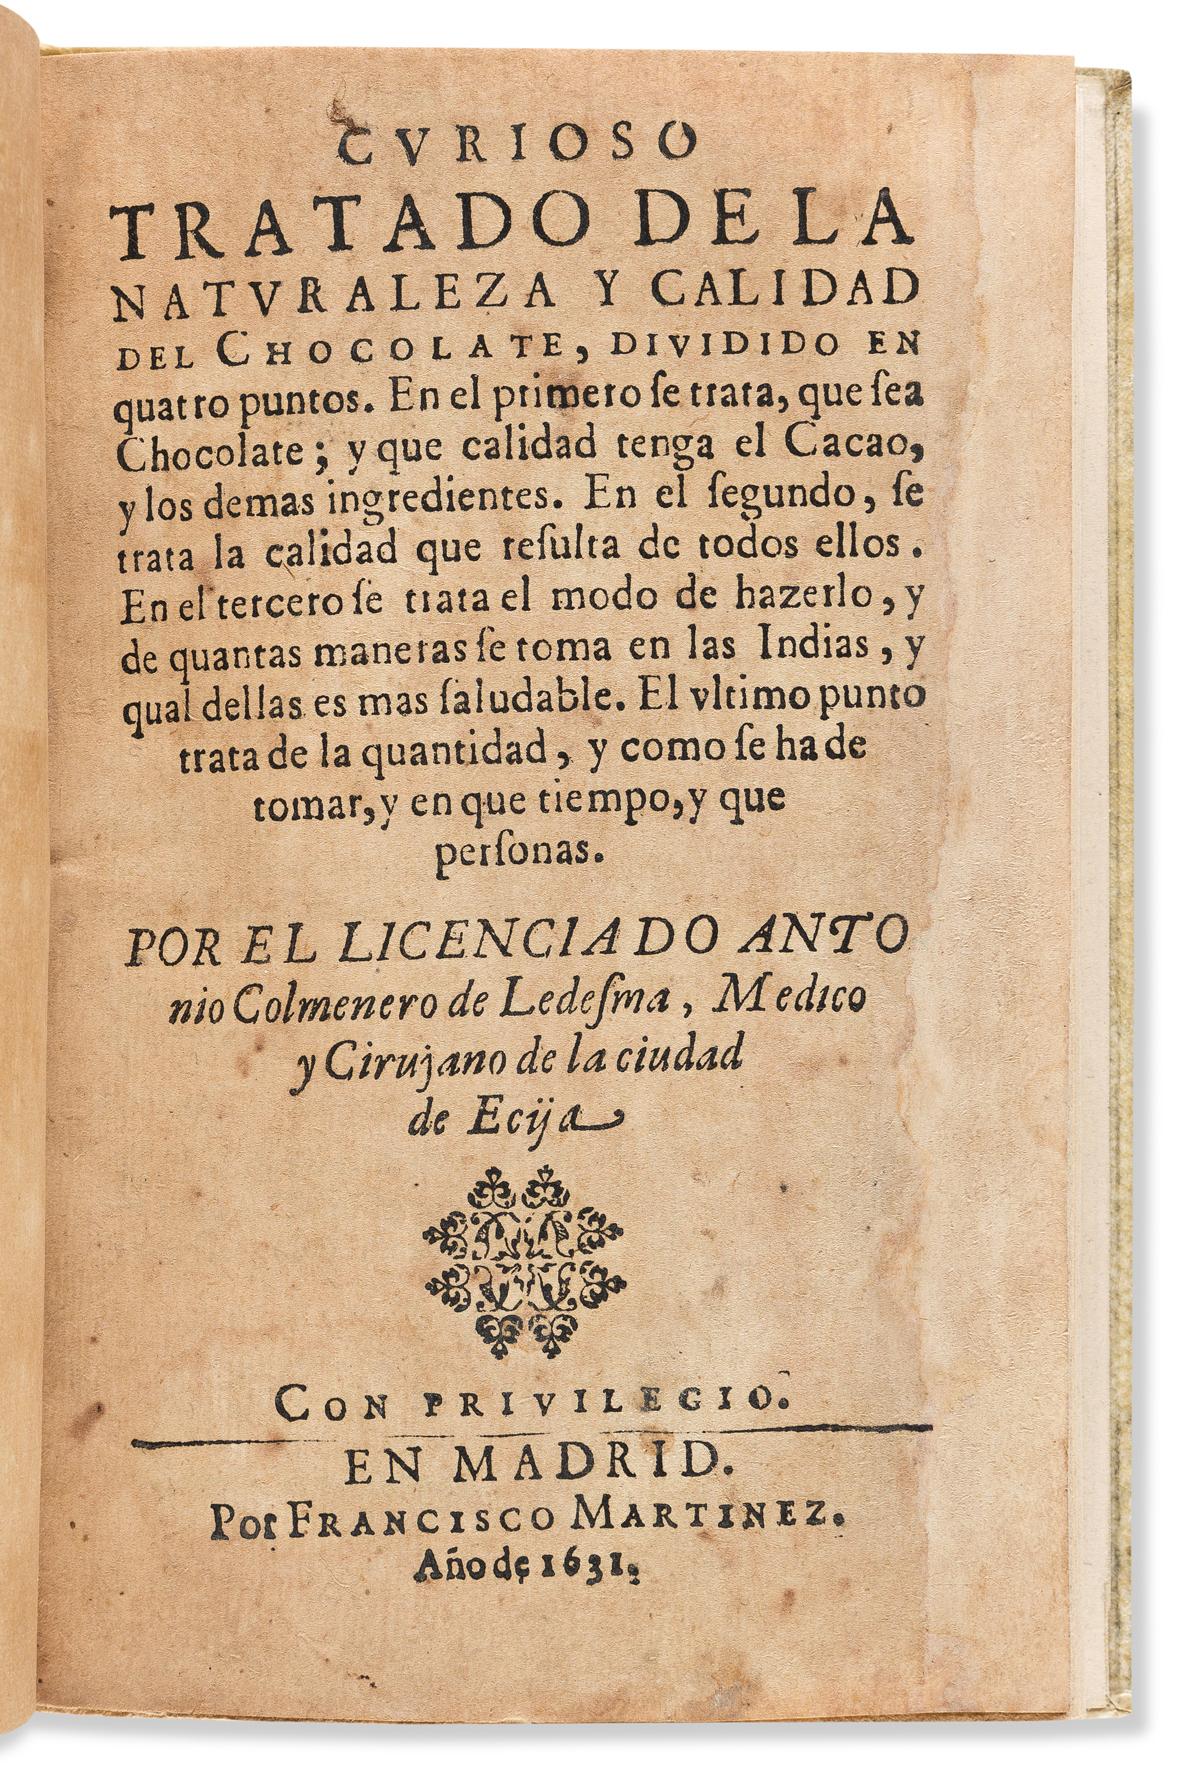 (MEXICO.) Antonio Colmenero de Ledesma. Curioso tratado de la naturaleza y calidad del Chocolate.